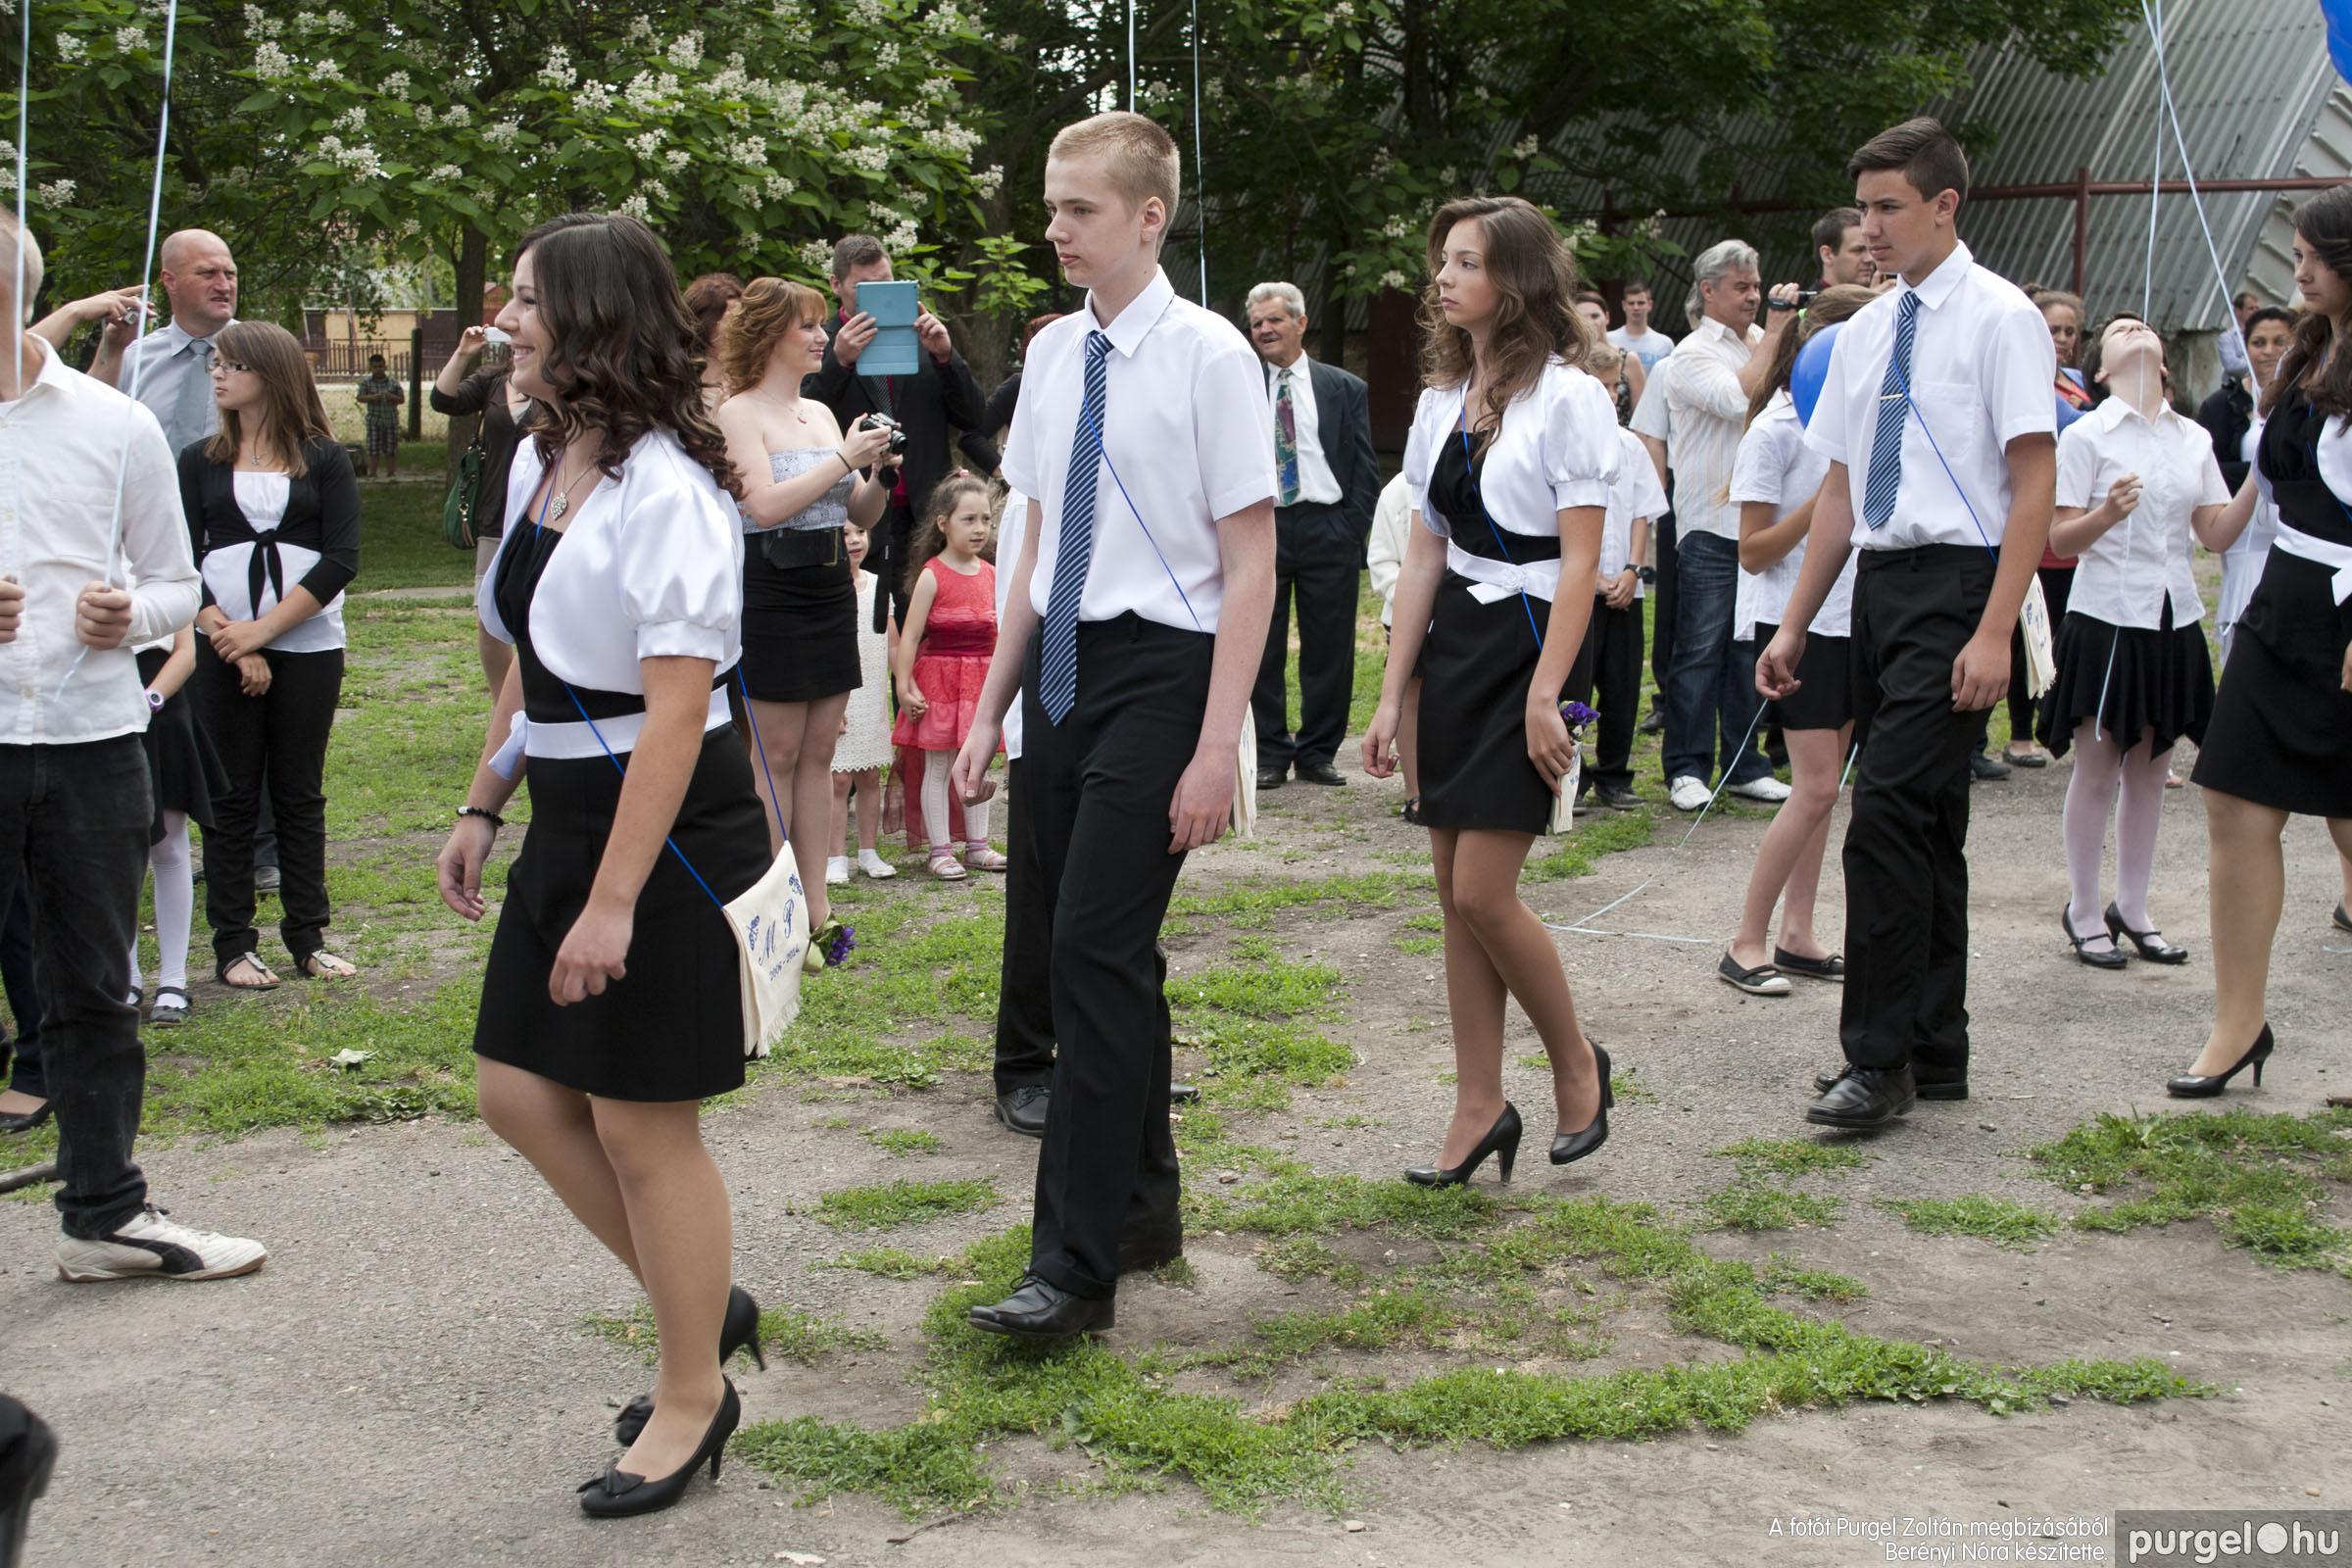 2014.06.14. 333 Forray Máté Általános Iskola ballagás 2014. - Fotó:BERÉNYI NÓRA© _MG_6066